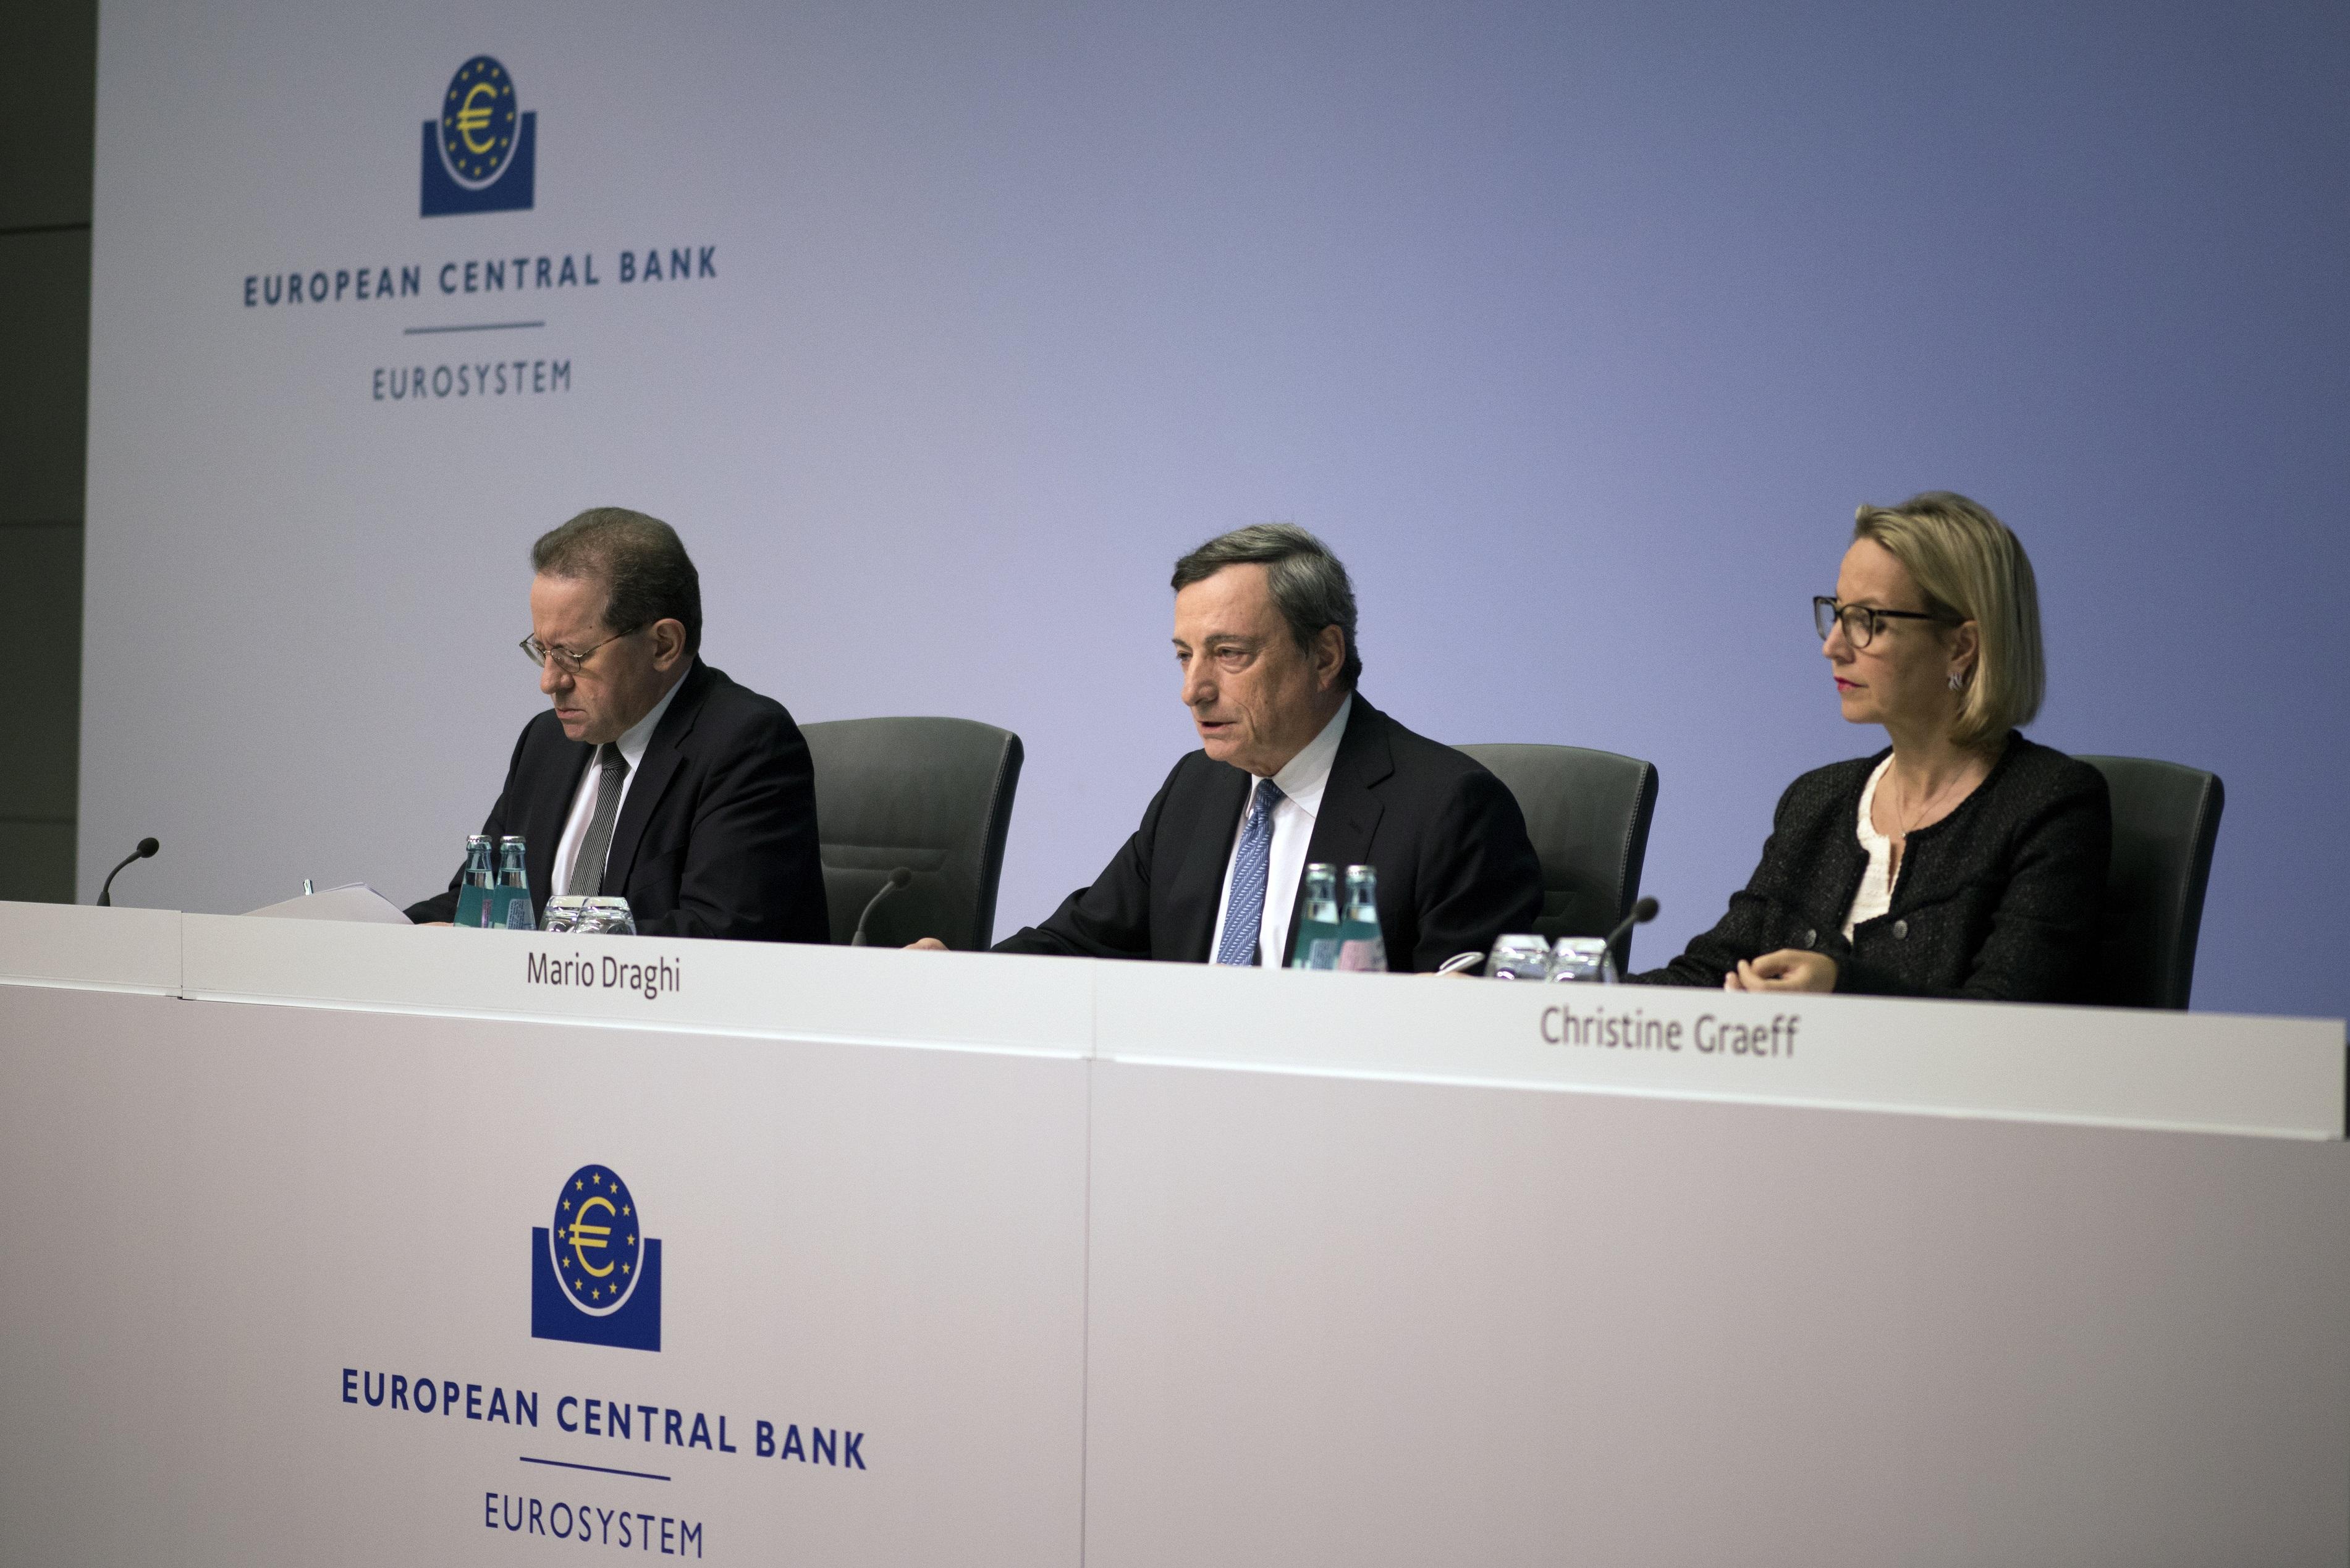 Europako Banku Zentralak banatu argazkian, Mario Draghi prentsa aurrean korporazioen zorrak erosteko planak aurkezten. Draghi da enplegu publiko eta pribatuen ate birakarietan hezitako agintarien adibide arketipikoa. Munduko Bankuaren zuzendaritzan aritua